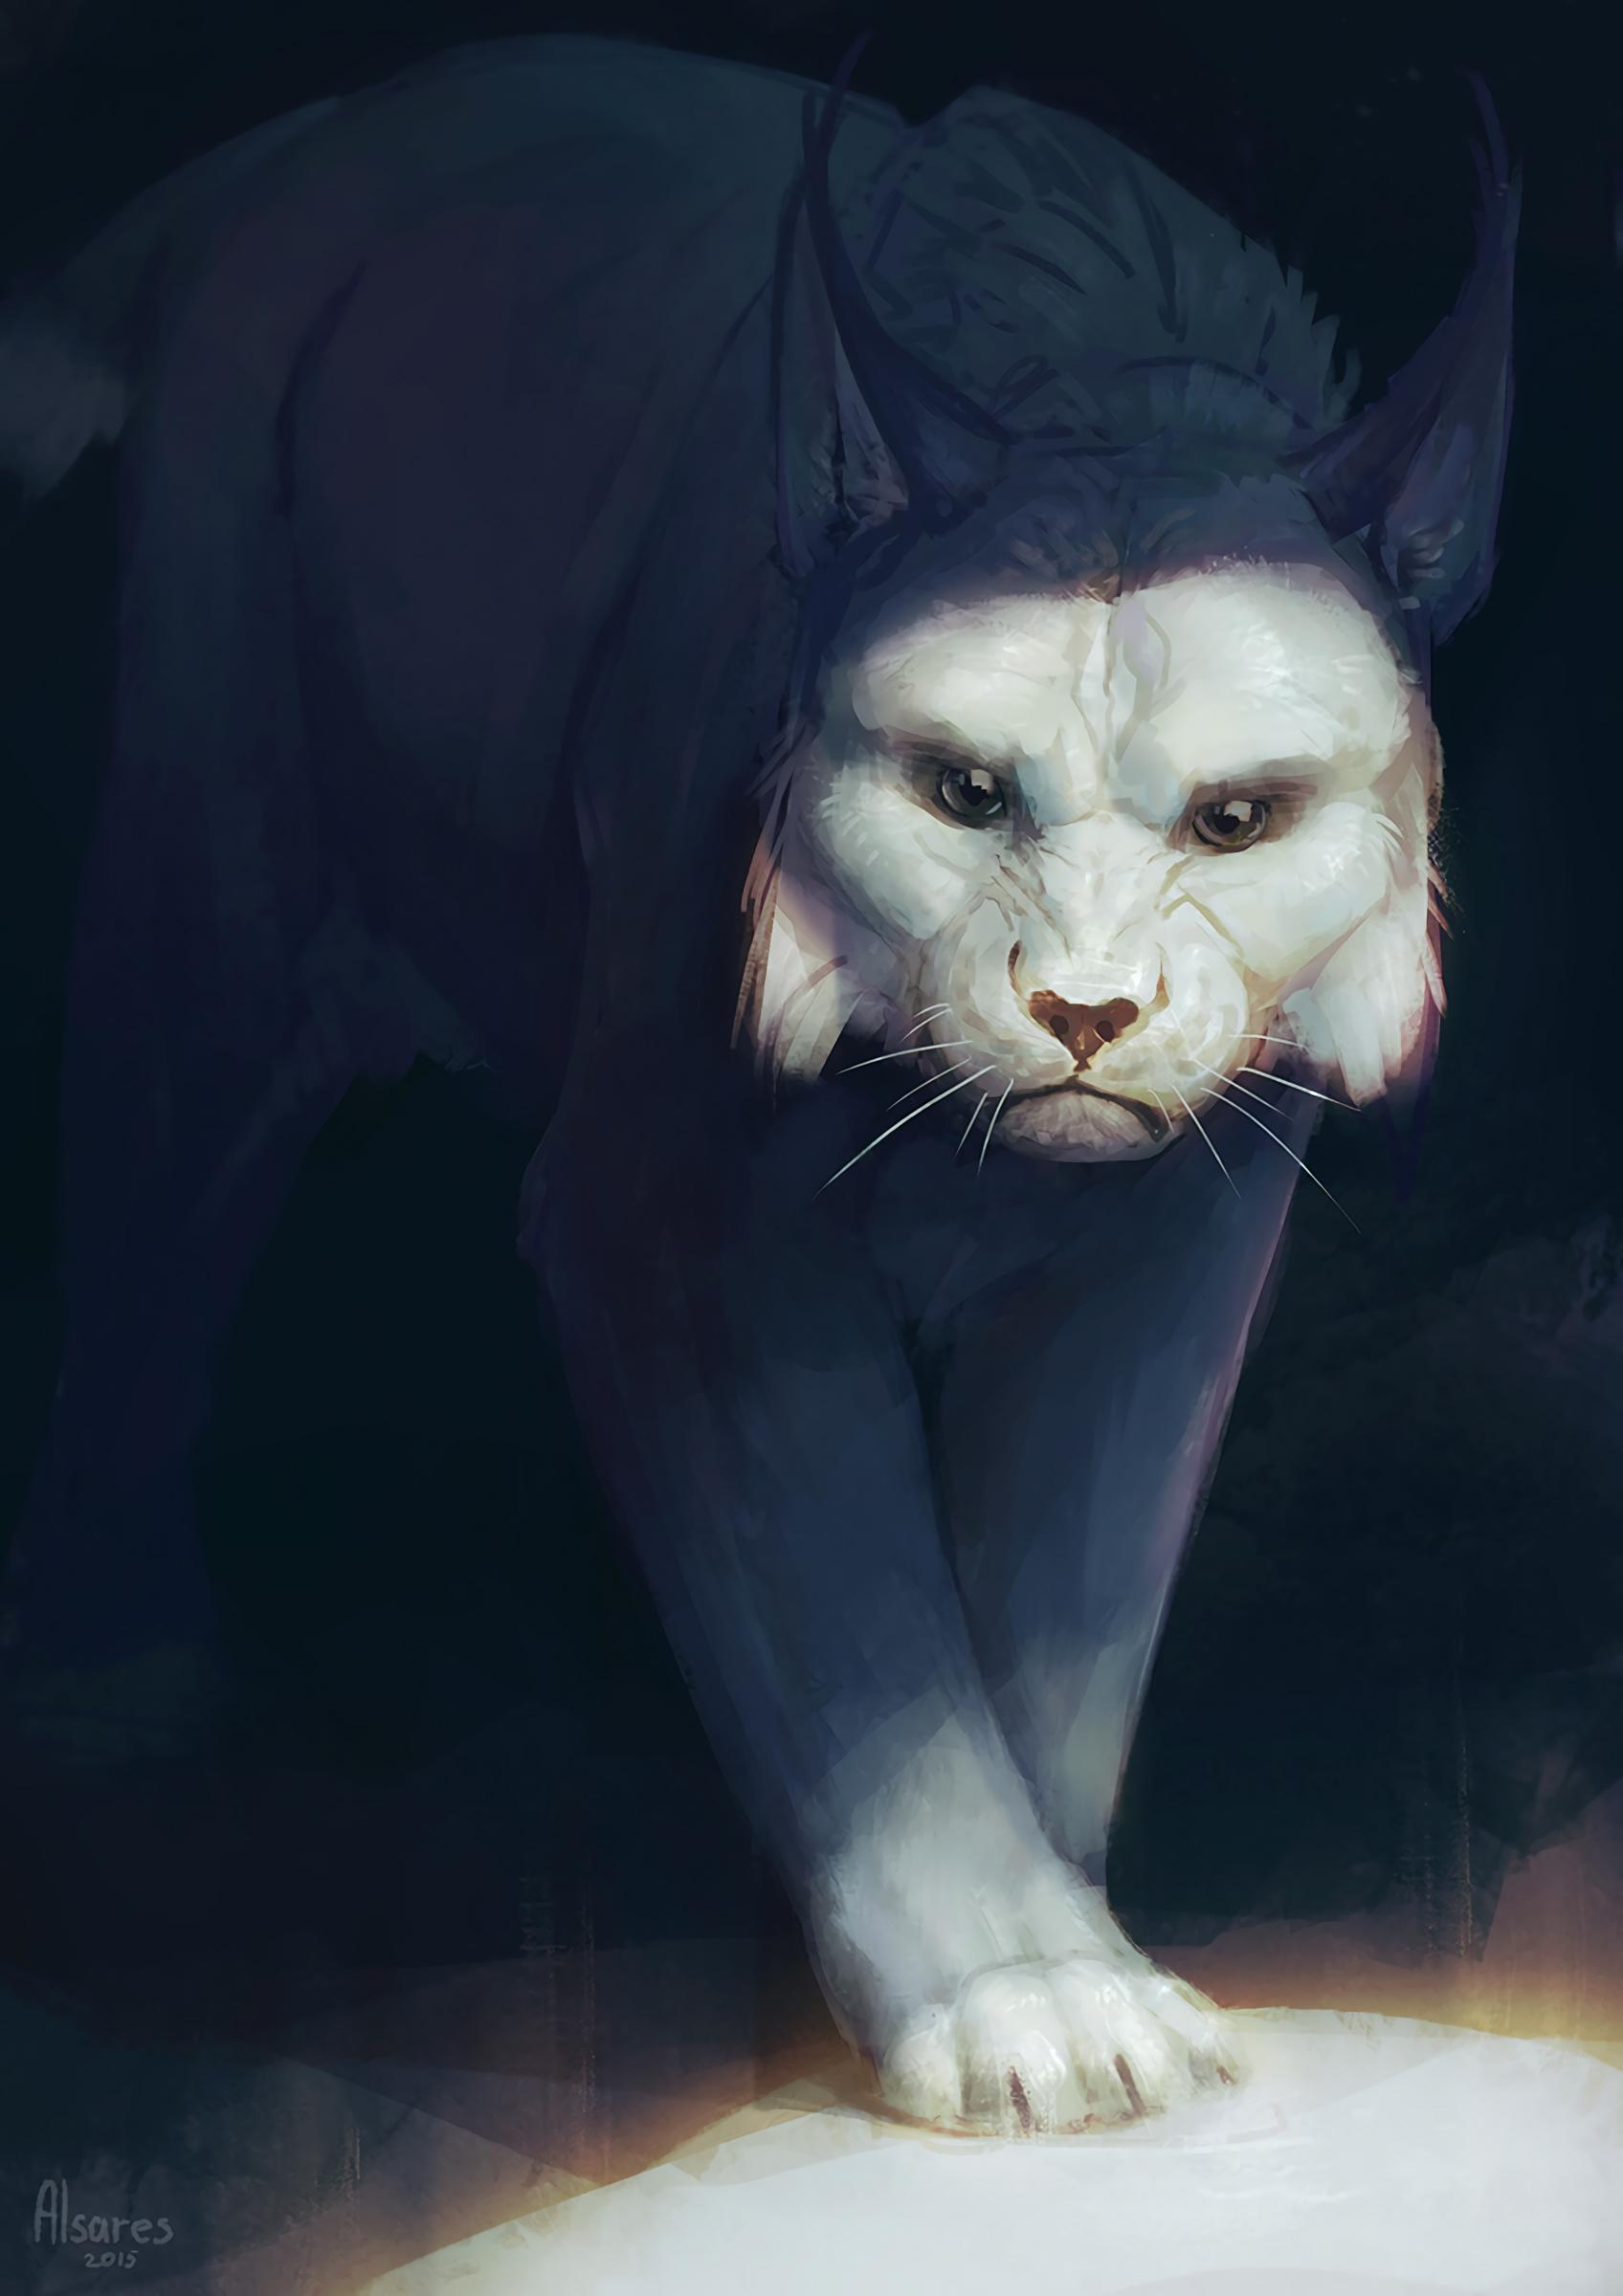 105204 download wallpaper Iris, Predator, Big Cat, Art screensavers and pictures for free